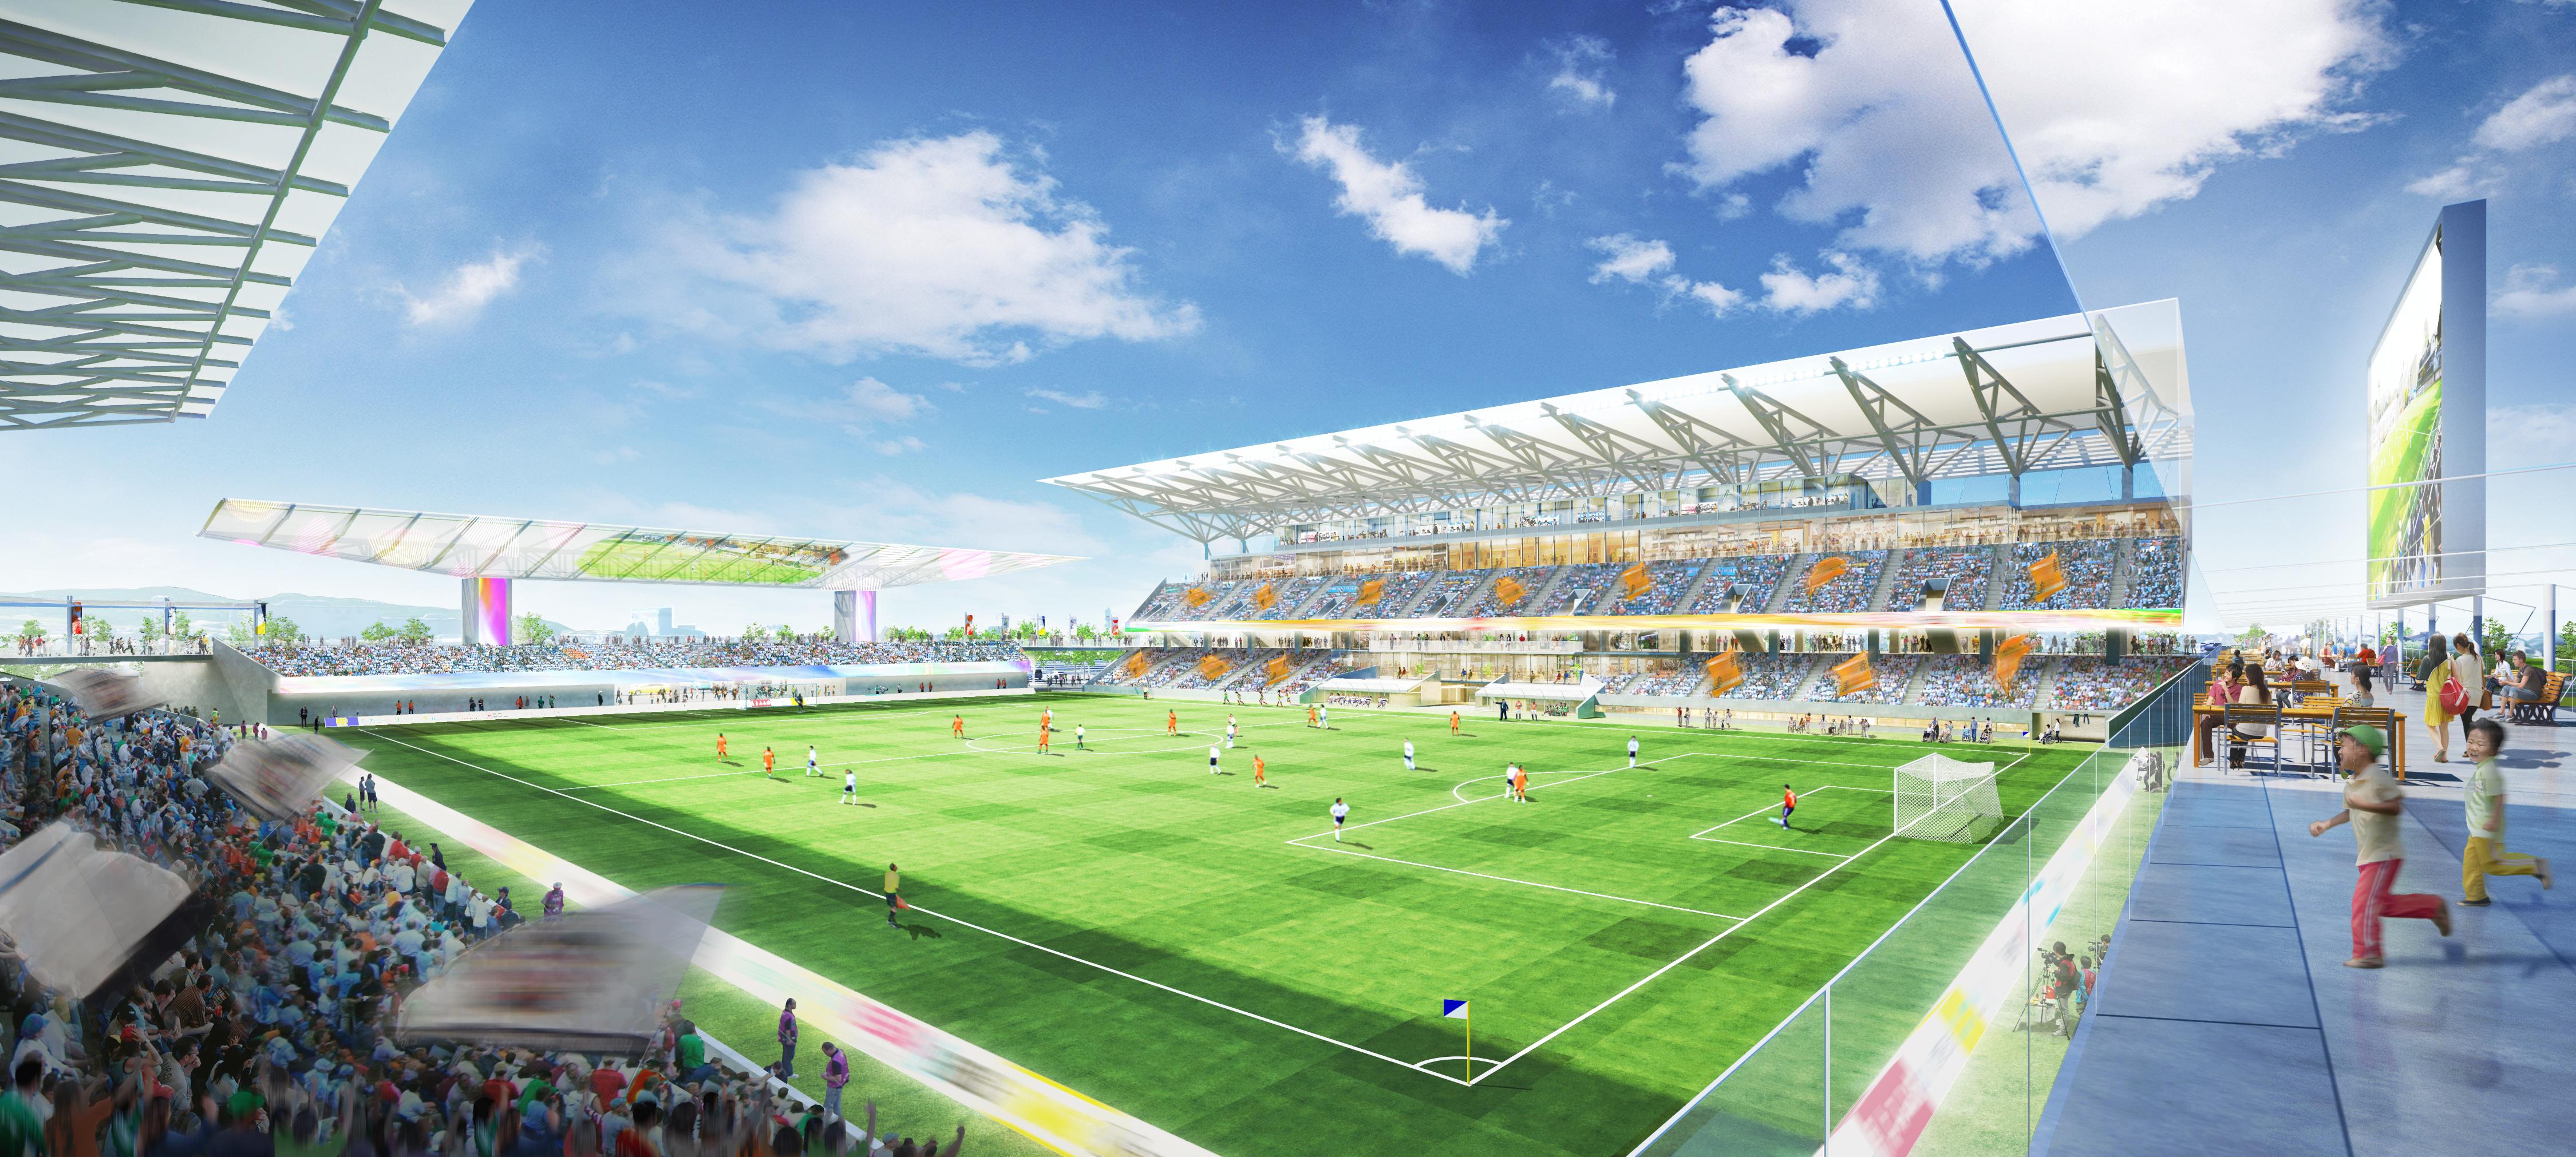 金沢市民サッカー場 (現在、検討中につき、確定したものではありません。)